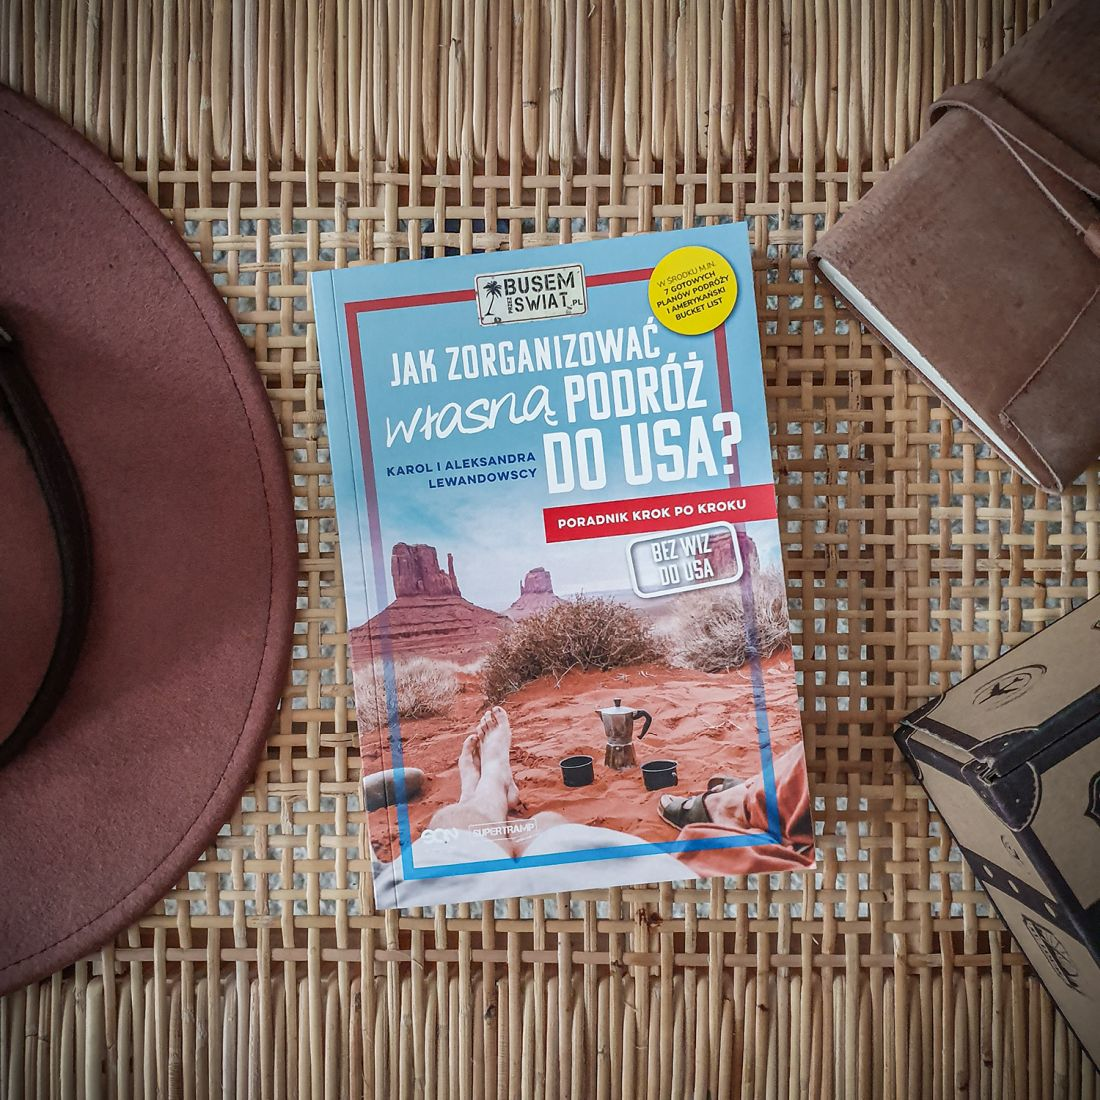 Jak zorganizować własną podróż doUSA – Busem przezświat